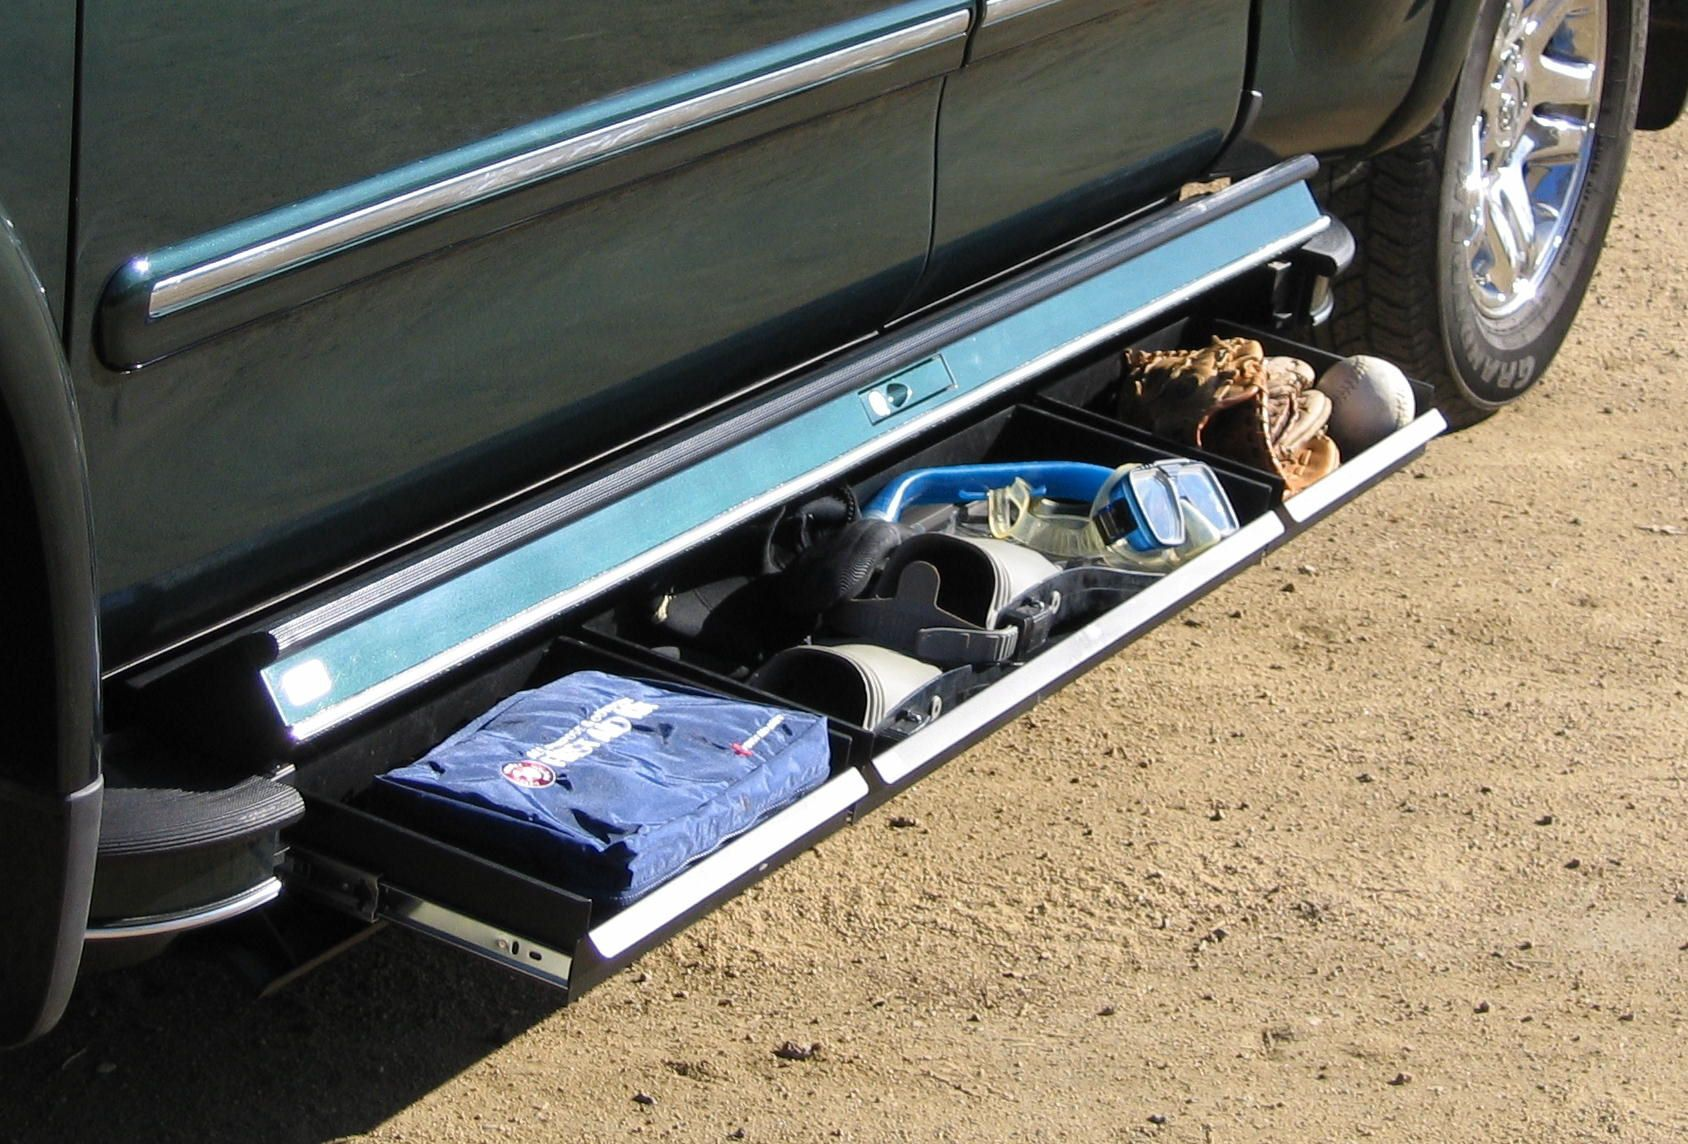 Pin by Ali on Trucks Truck storage, Ford f150